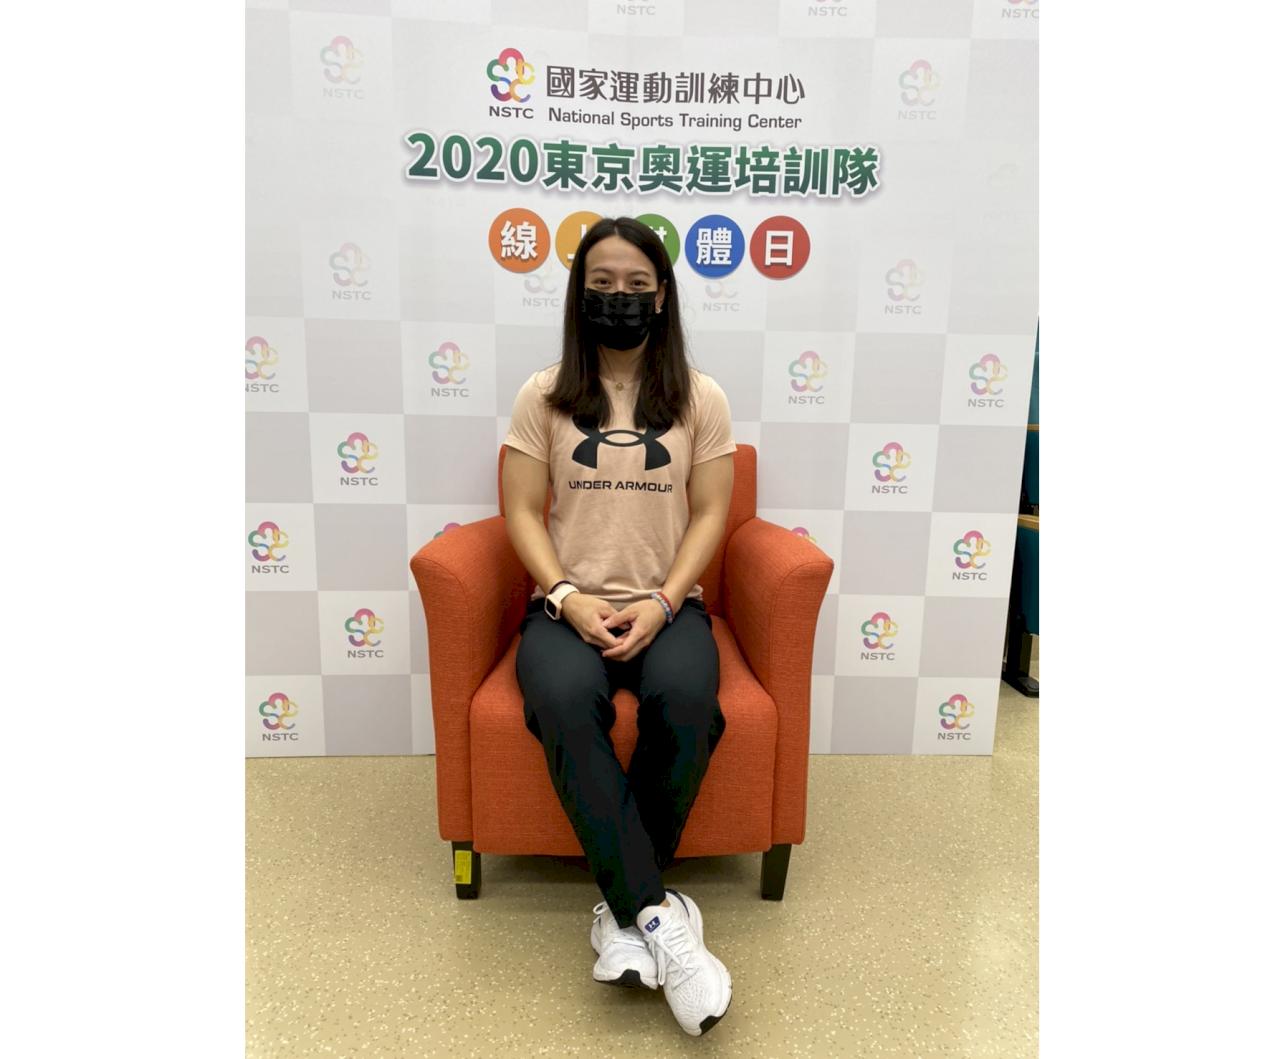 盼再次感動全民  郭婞淳:東奧金牌一定得拿到